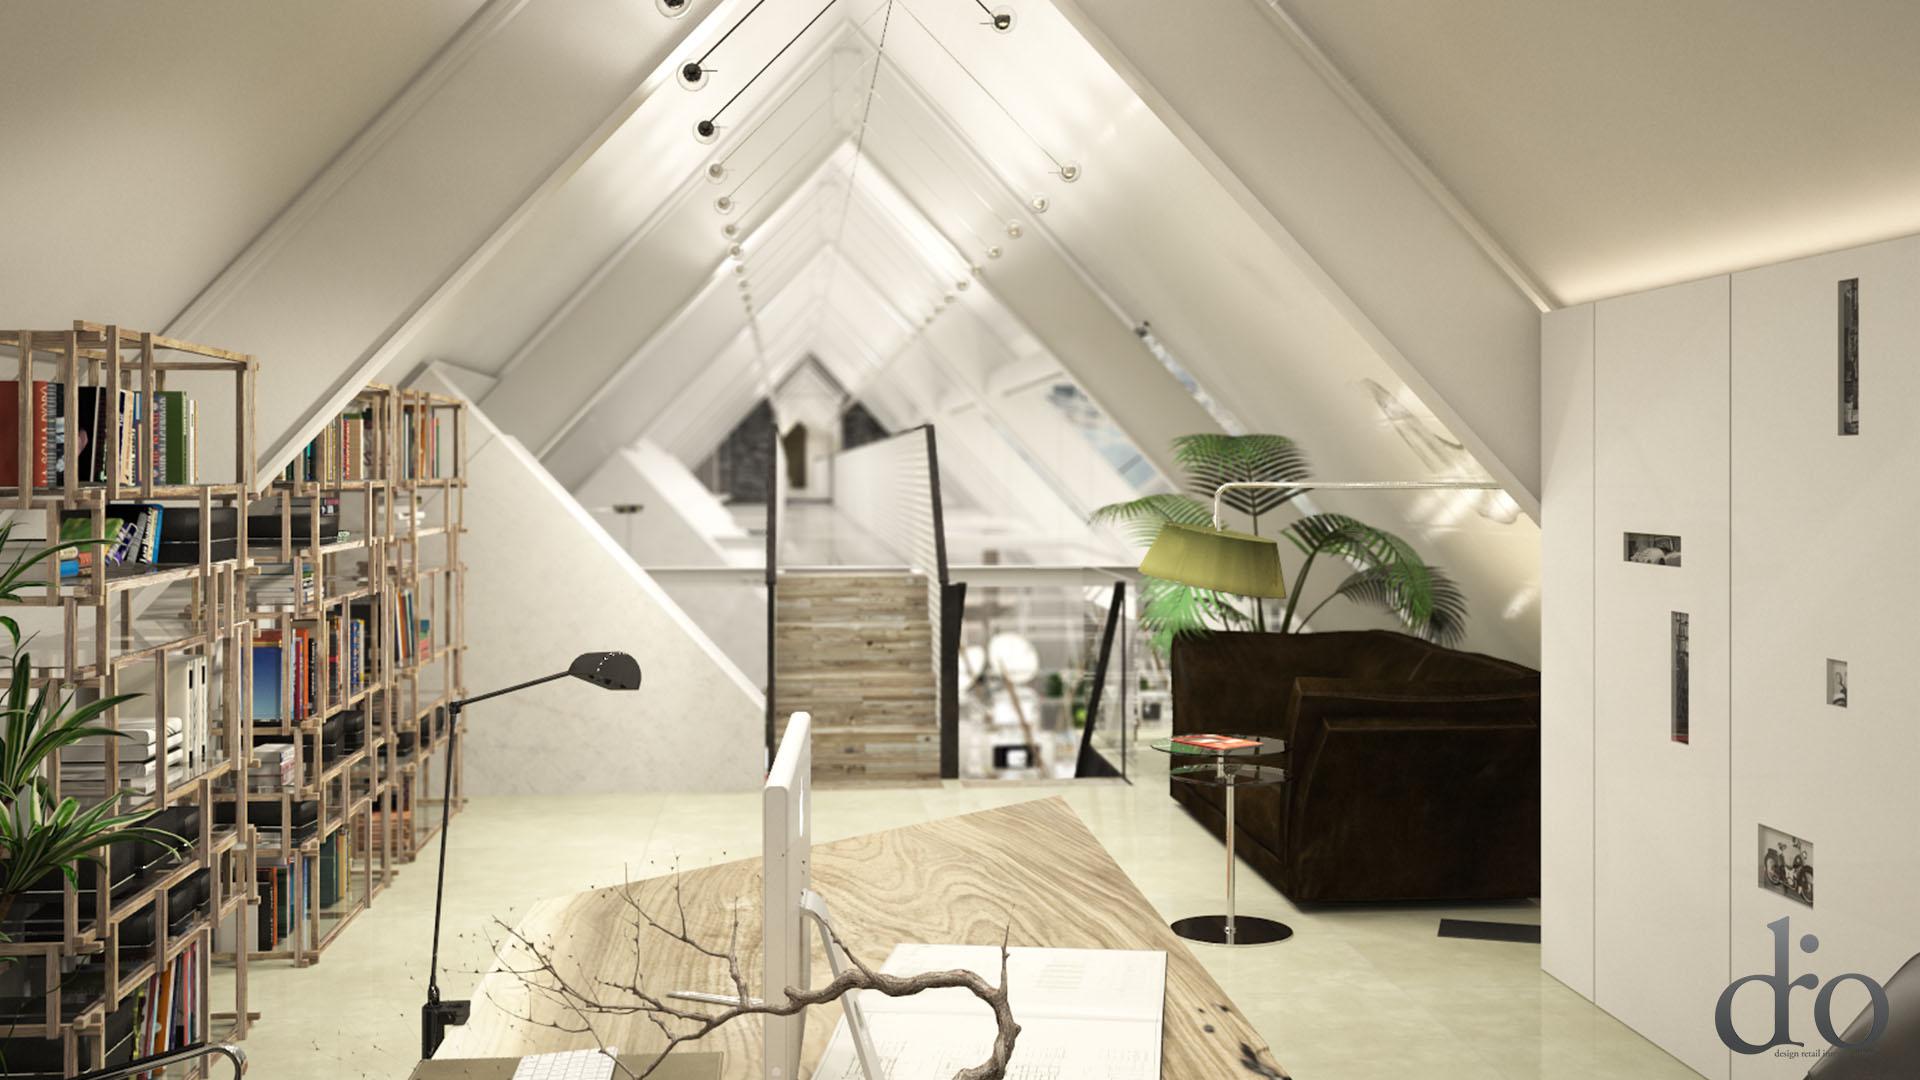 Innenarchitektur Design innenarchitektur aus hannover auf höchstmaß diro internationale